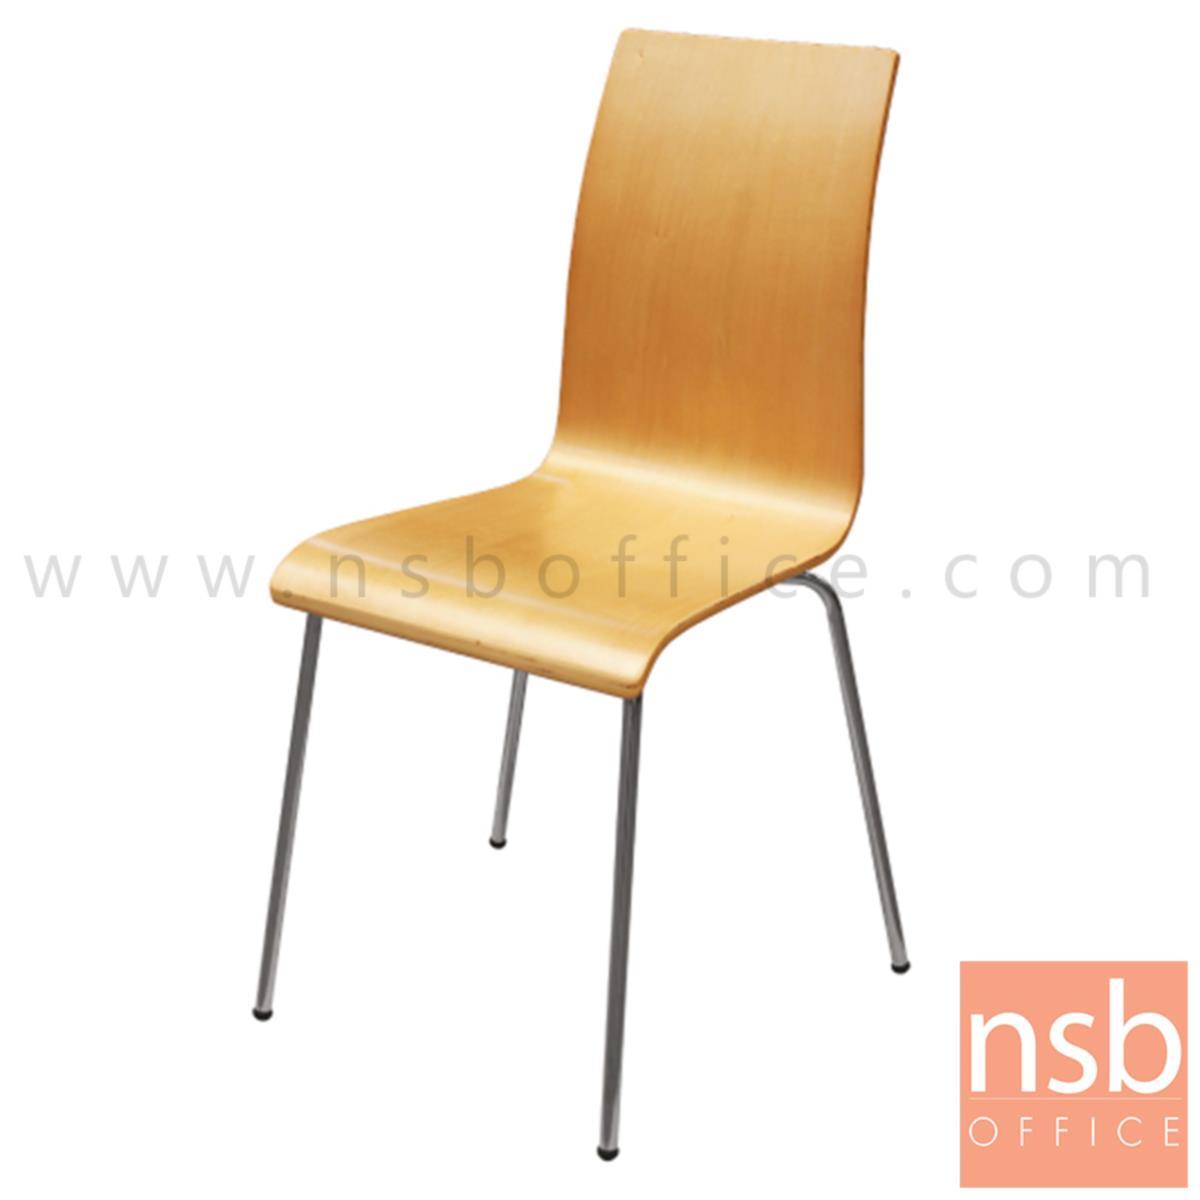 B20A088:เก้าอี้อเนกประสงค์ไม้วีเนียร์ รุ่น Mutants (มิวแทนต์ส)  ขาเหล็กชุบโครเมี่ยม